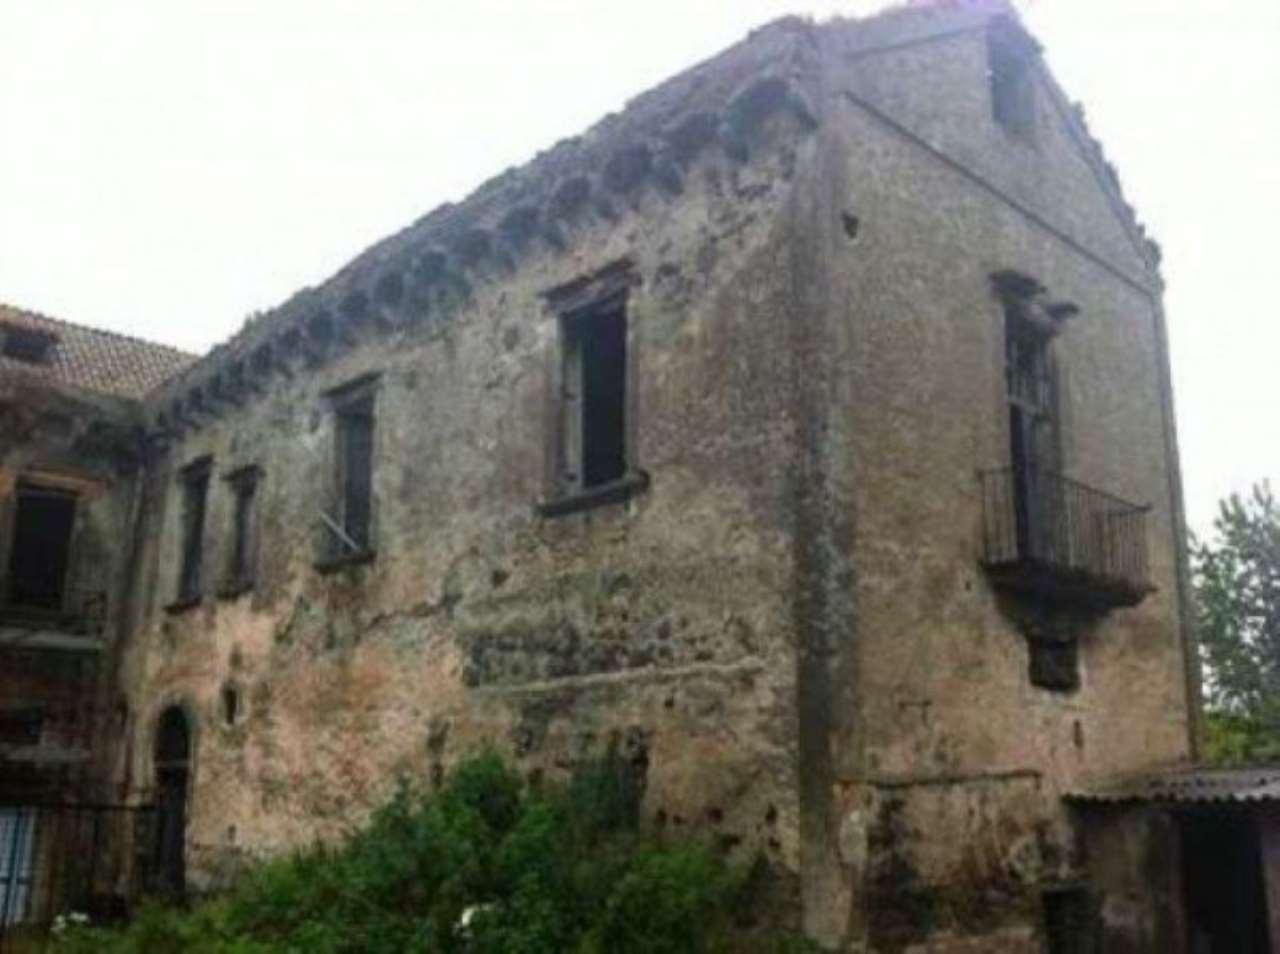 Palazzo / Stabile in vendita a Sant'Anastasia, 6 locali, Trattative riservate | CambioCasa.it